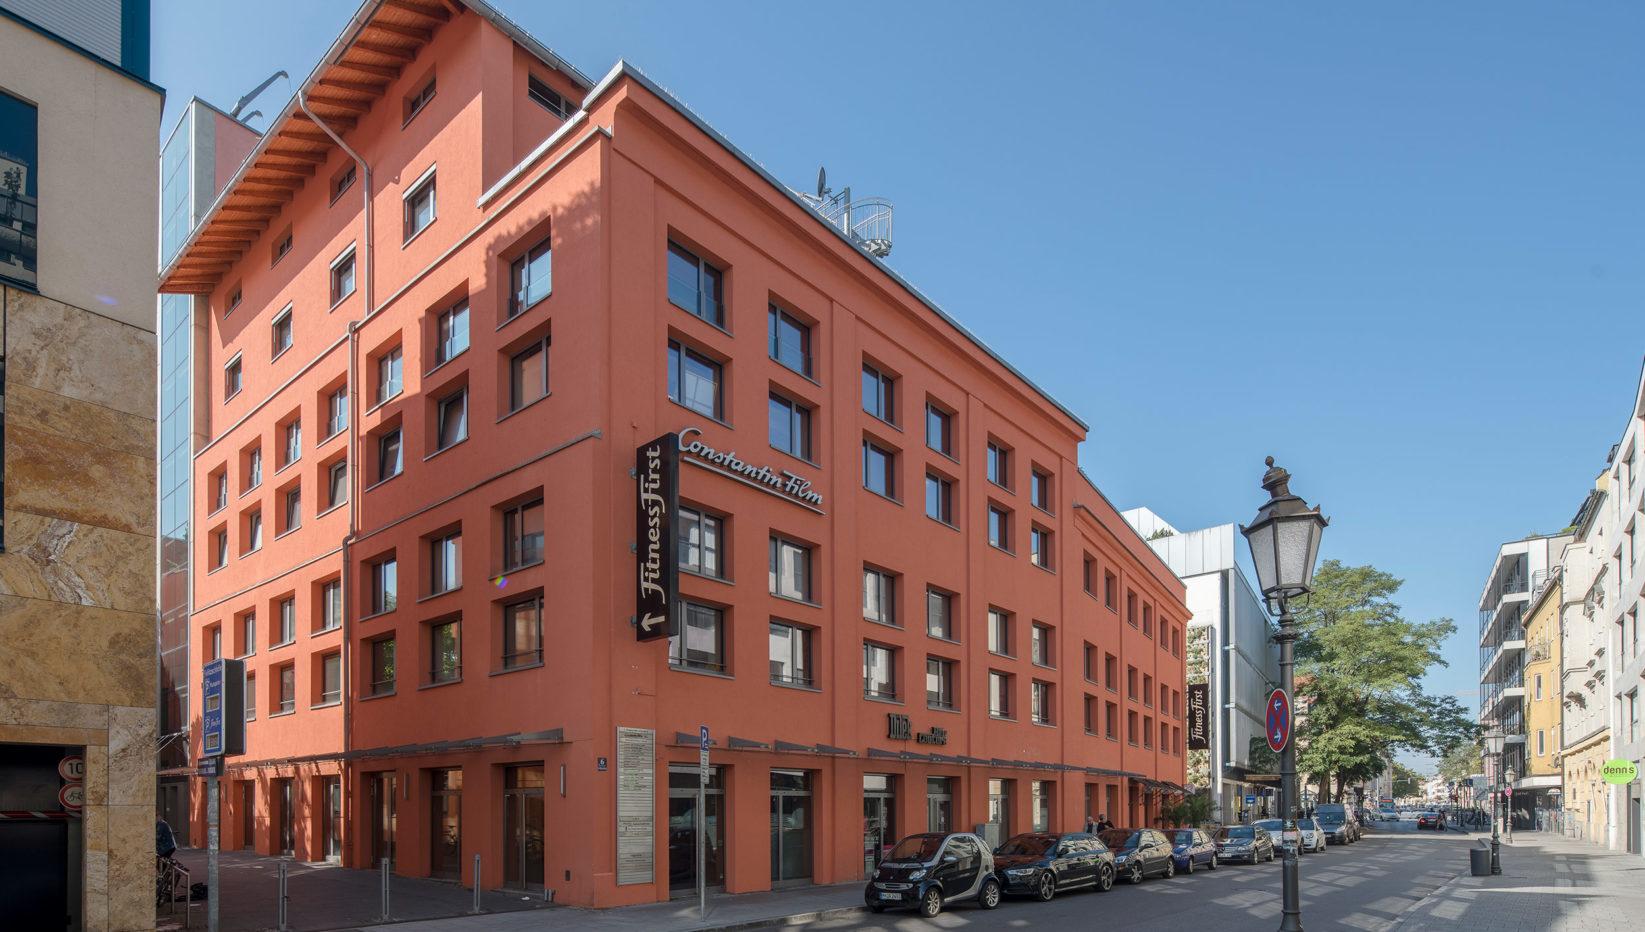 Zu sehen ist das 6 geschossige Gebäude der Factory Schwabing in einem rotbraunem Farbton. Aufgenommen wurde es in Nordwestansicht von der Feilitzschstraße aus.